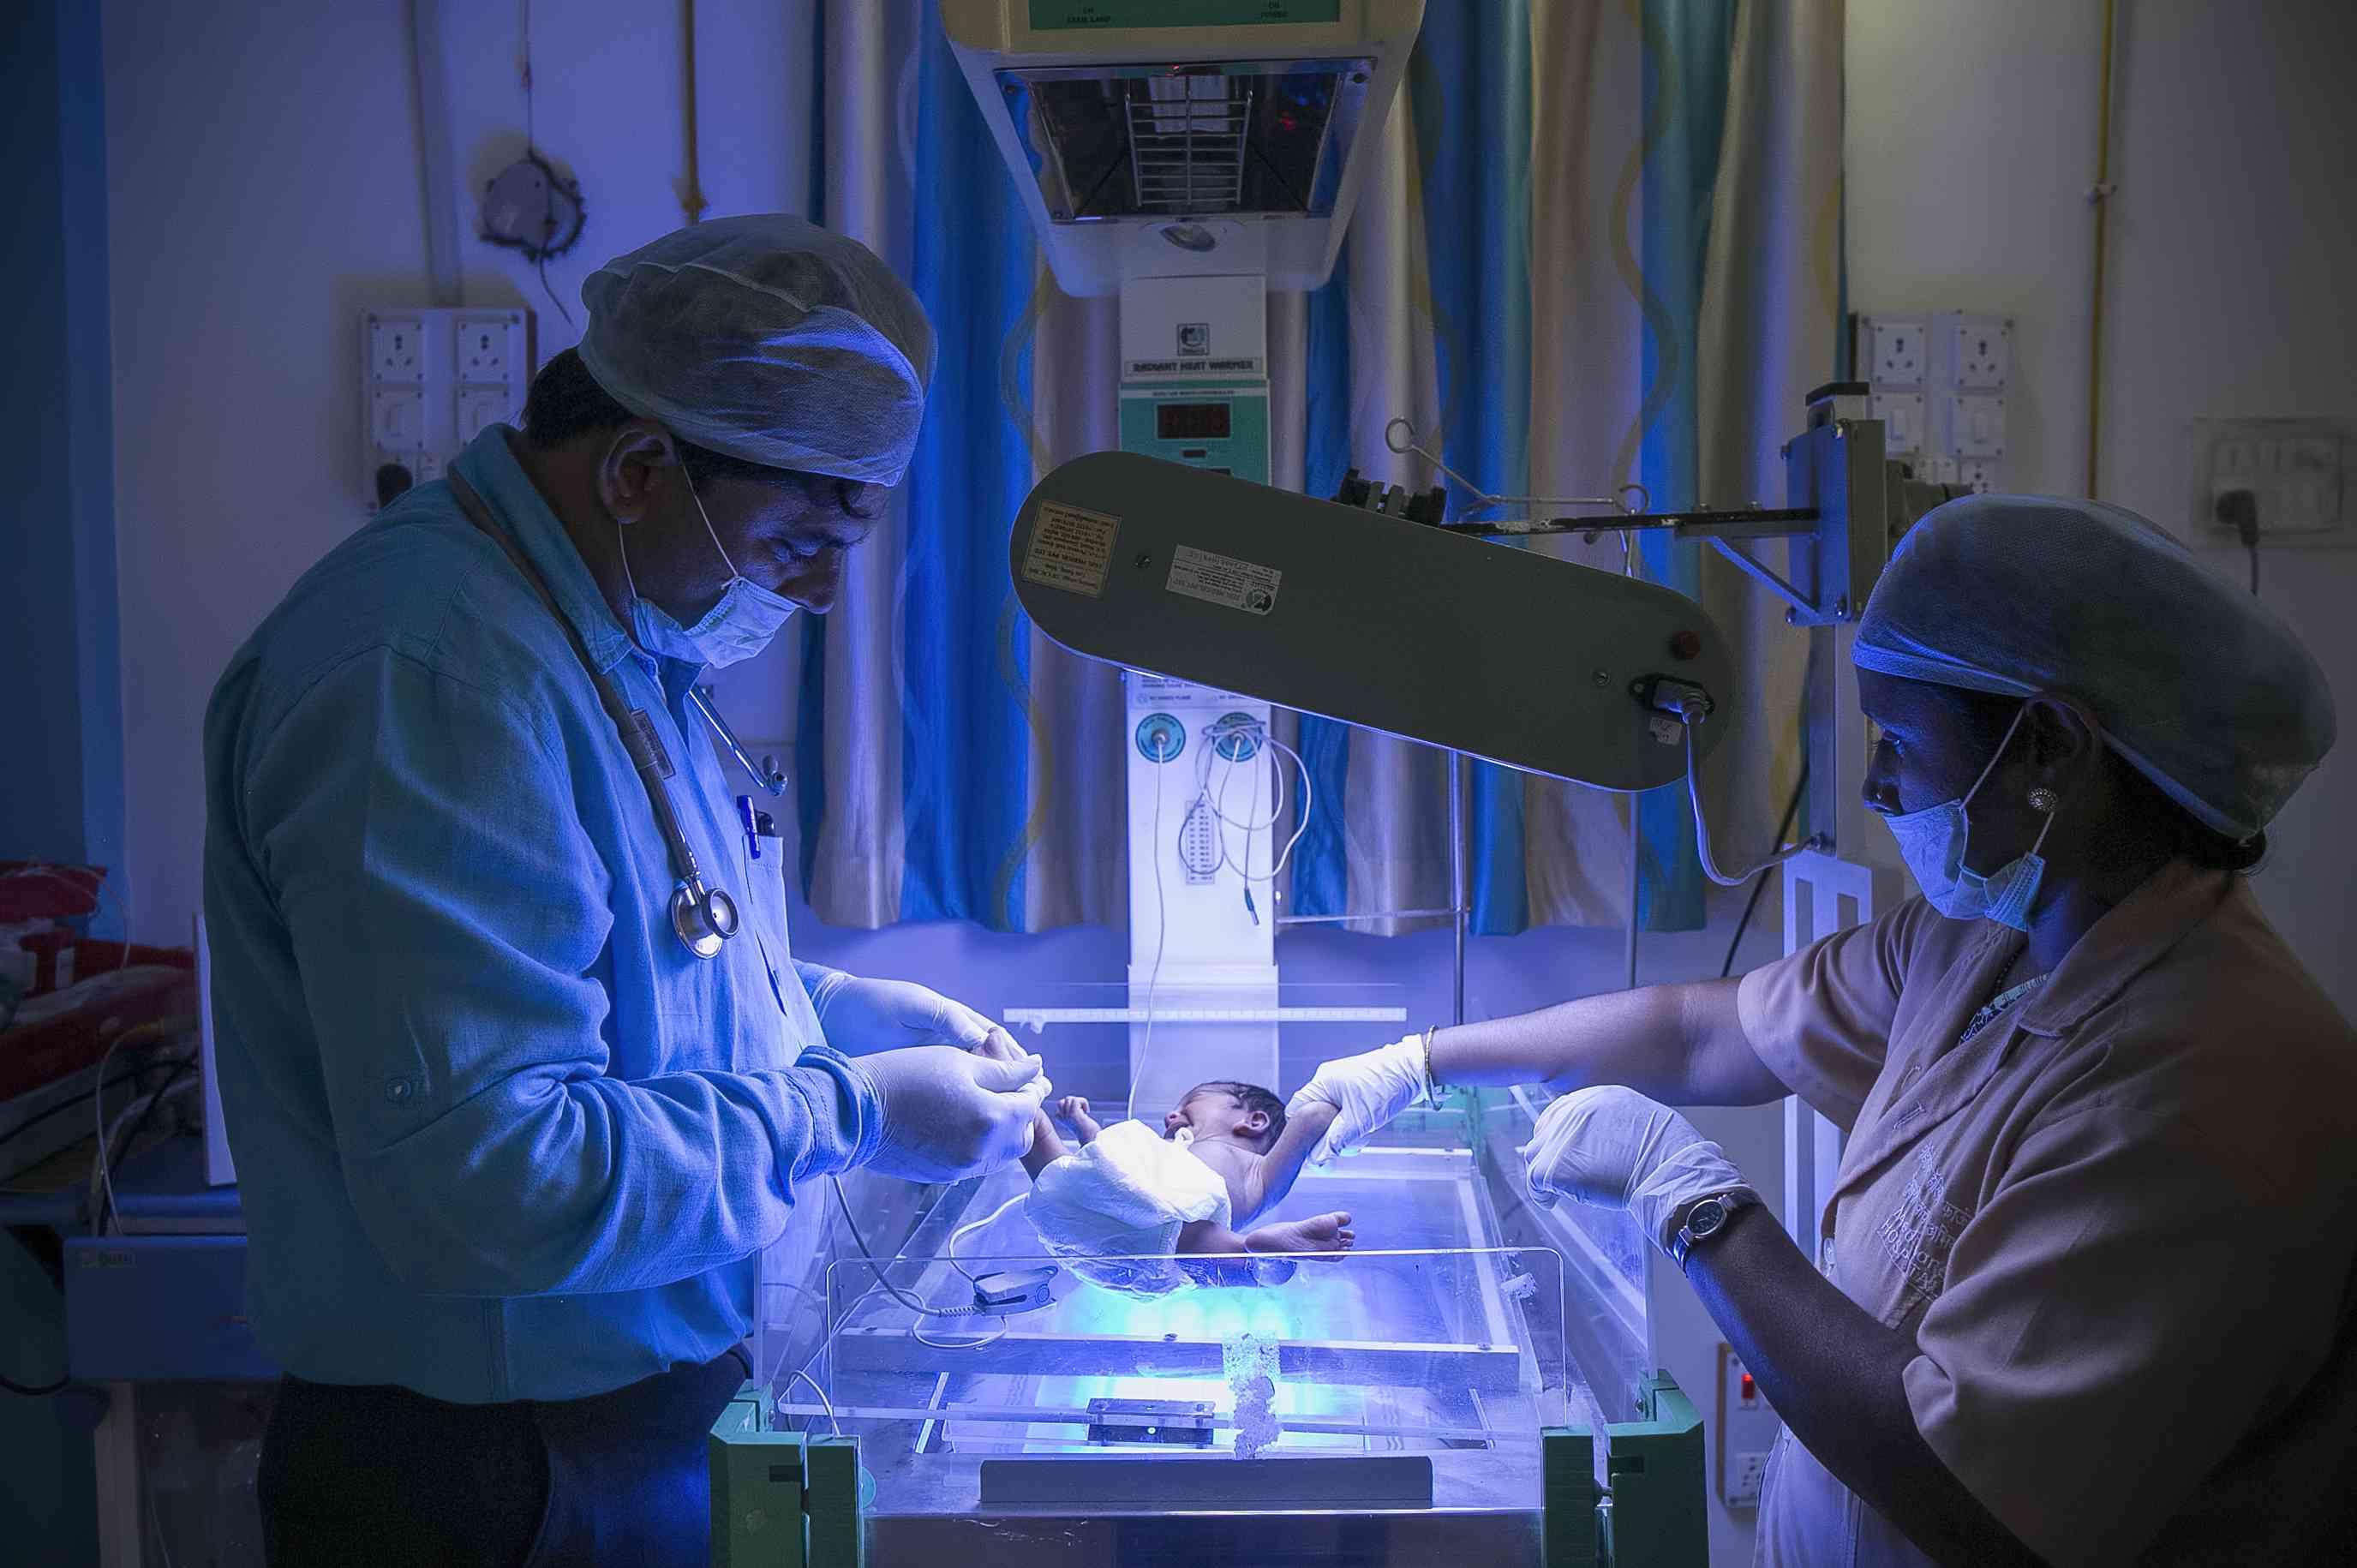 Doctor examining newborn